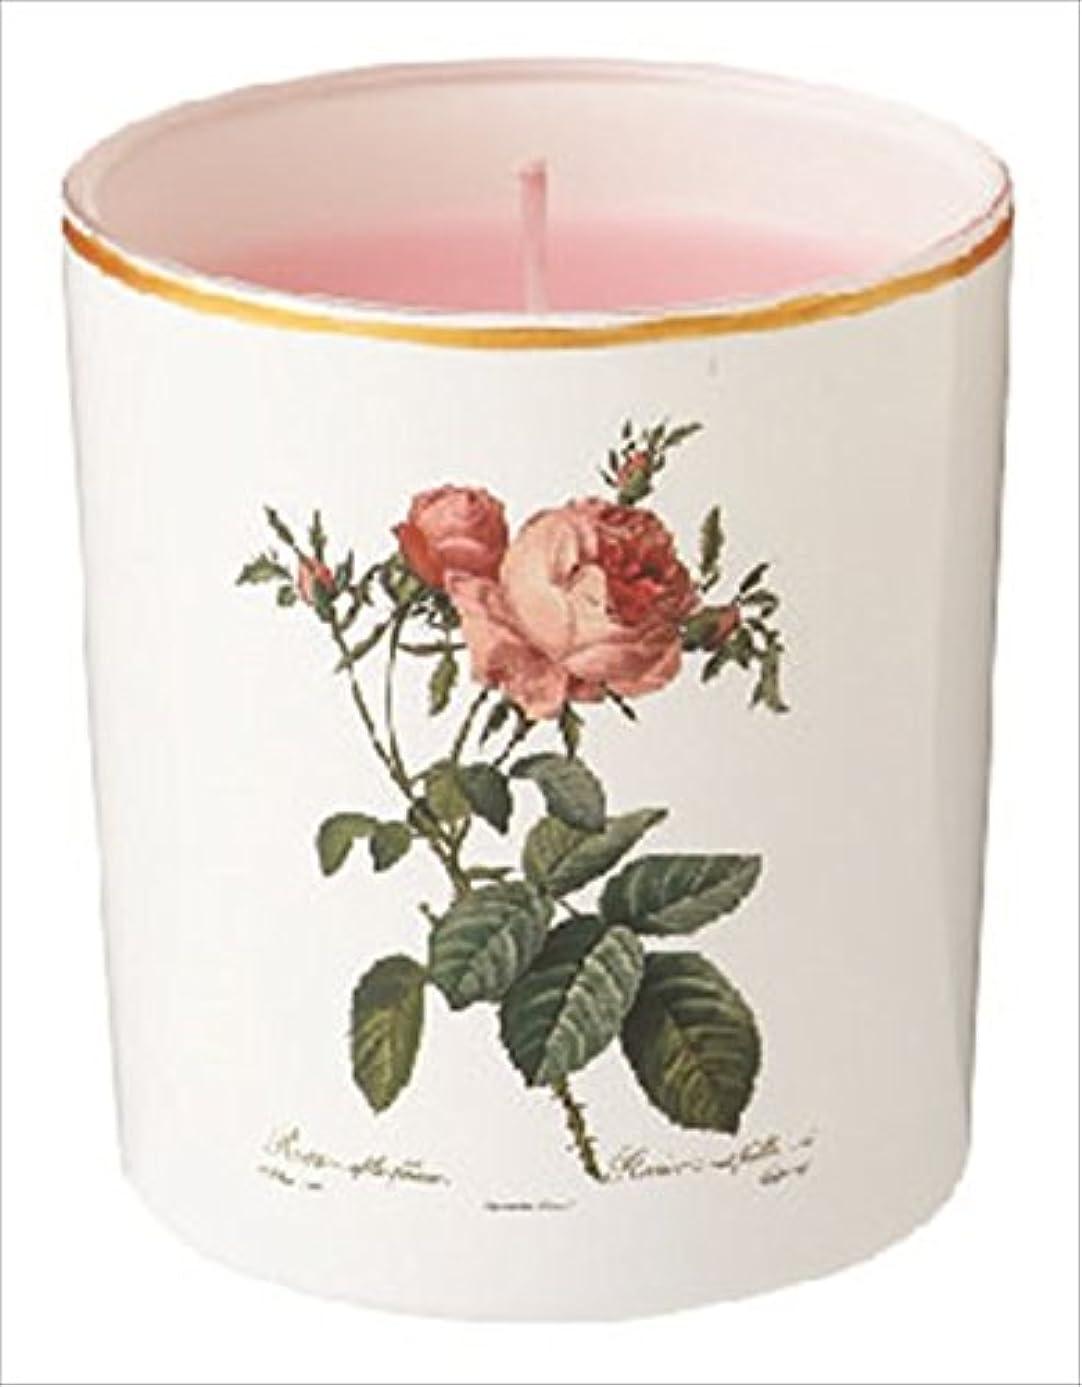 好戦的な火炎テーブルカメヤマキャンドル(kameyama candle) ルドゥーテ グラスキャンドル 「 ピュアローズ 」